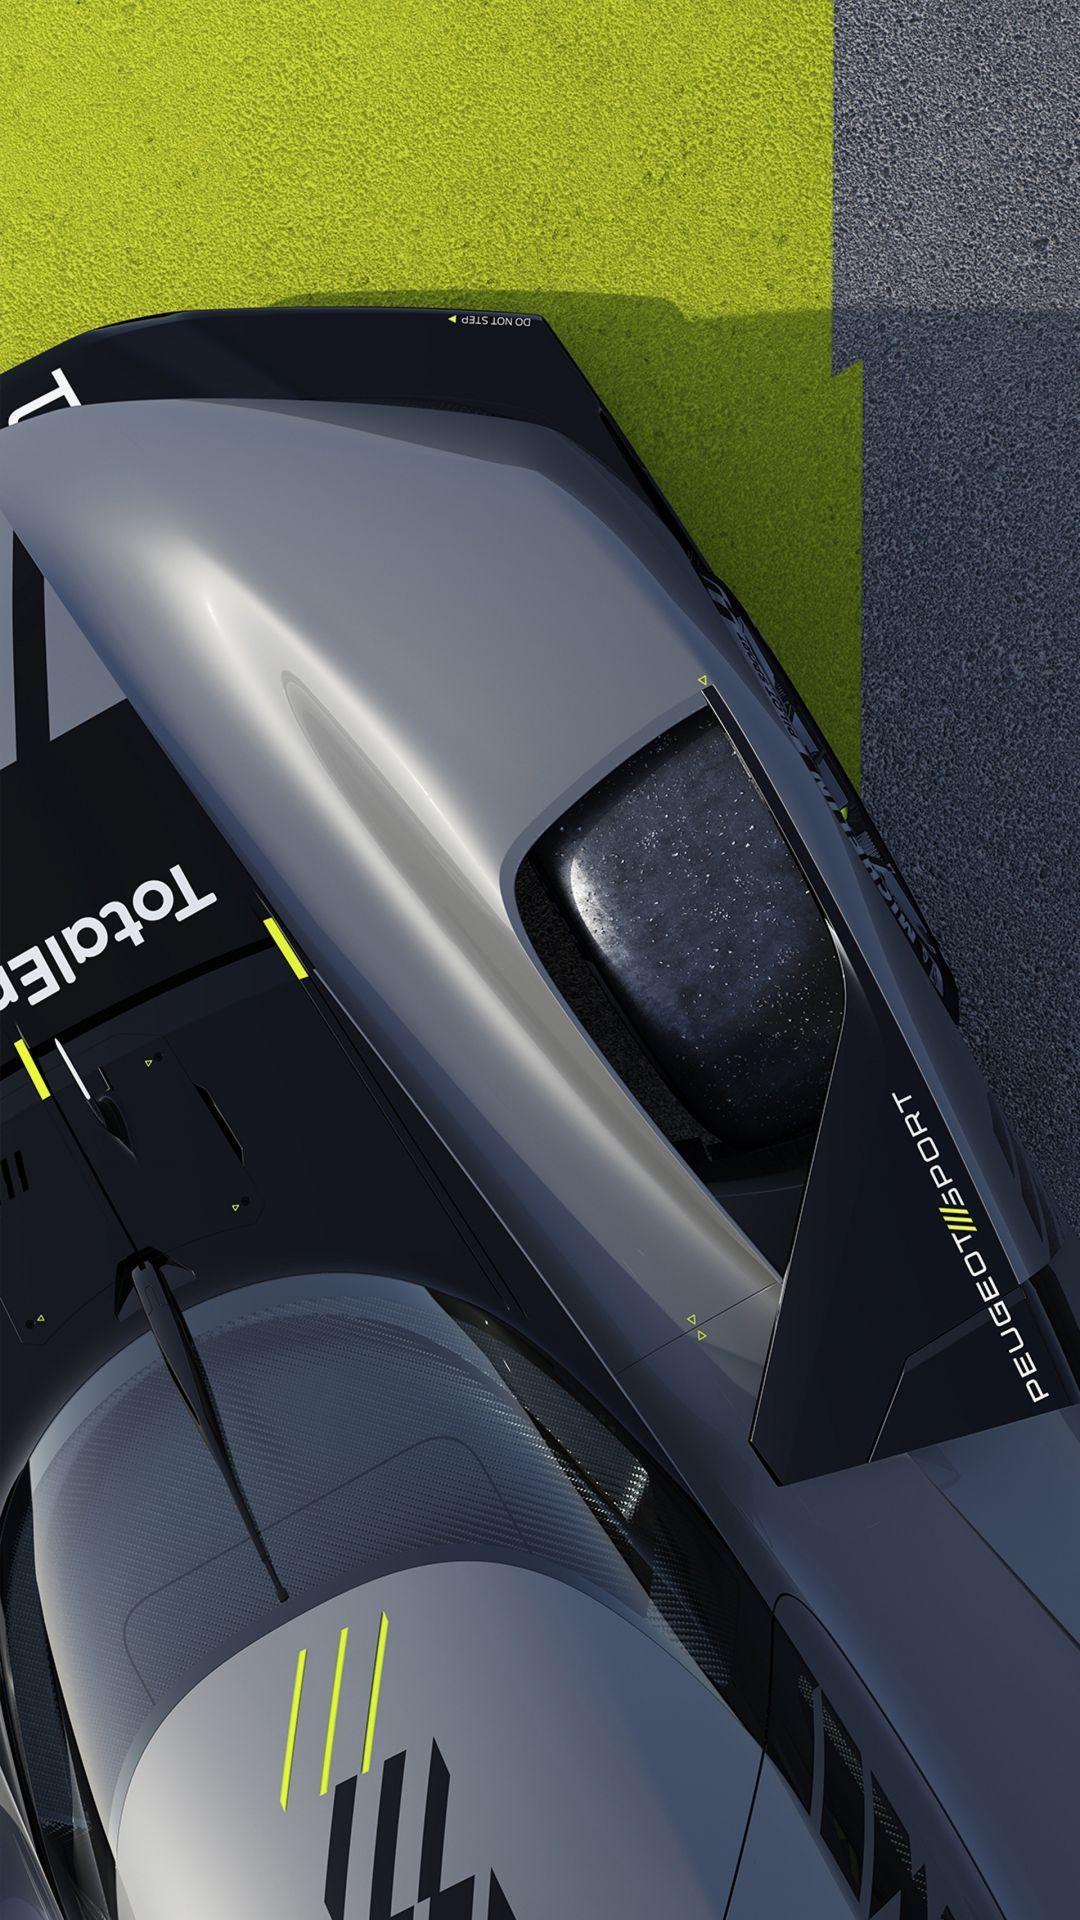 Peugeot_9X8_Hypercar-0009